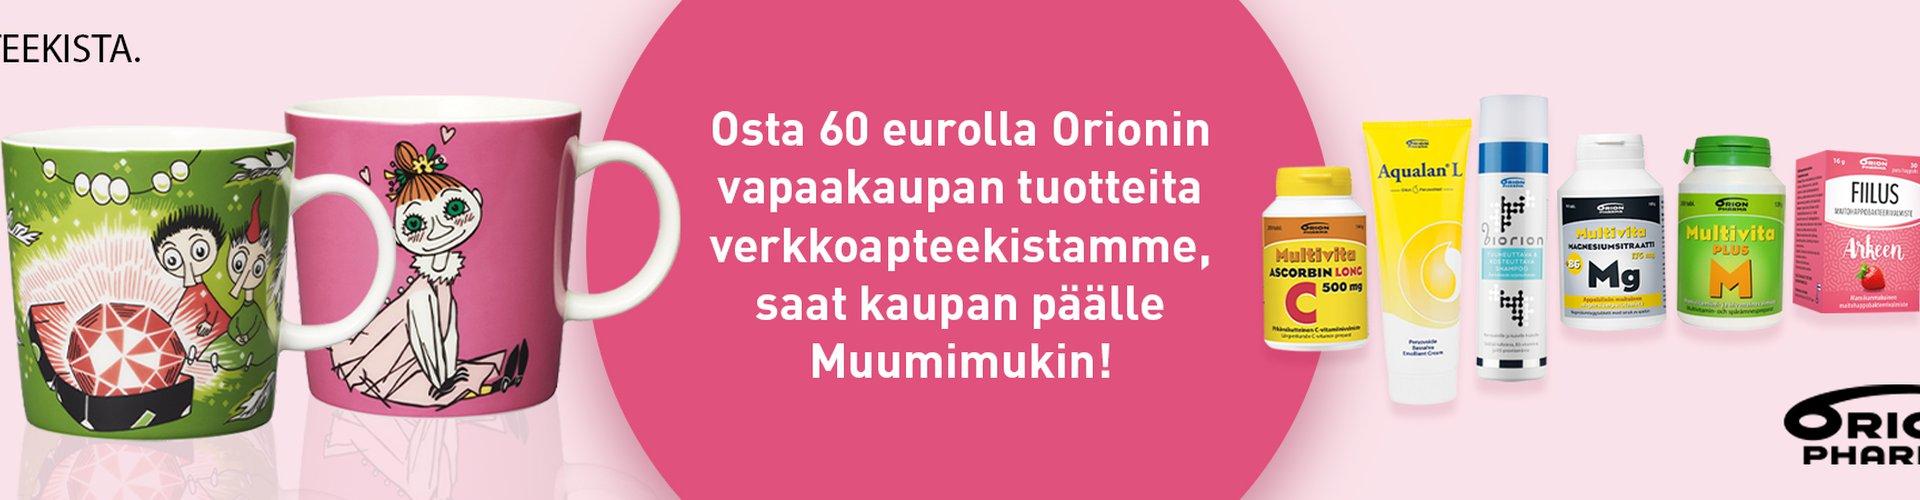 Tilaa Orionin tuotteita 60€ arvosta, saat muumimukin!